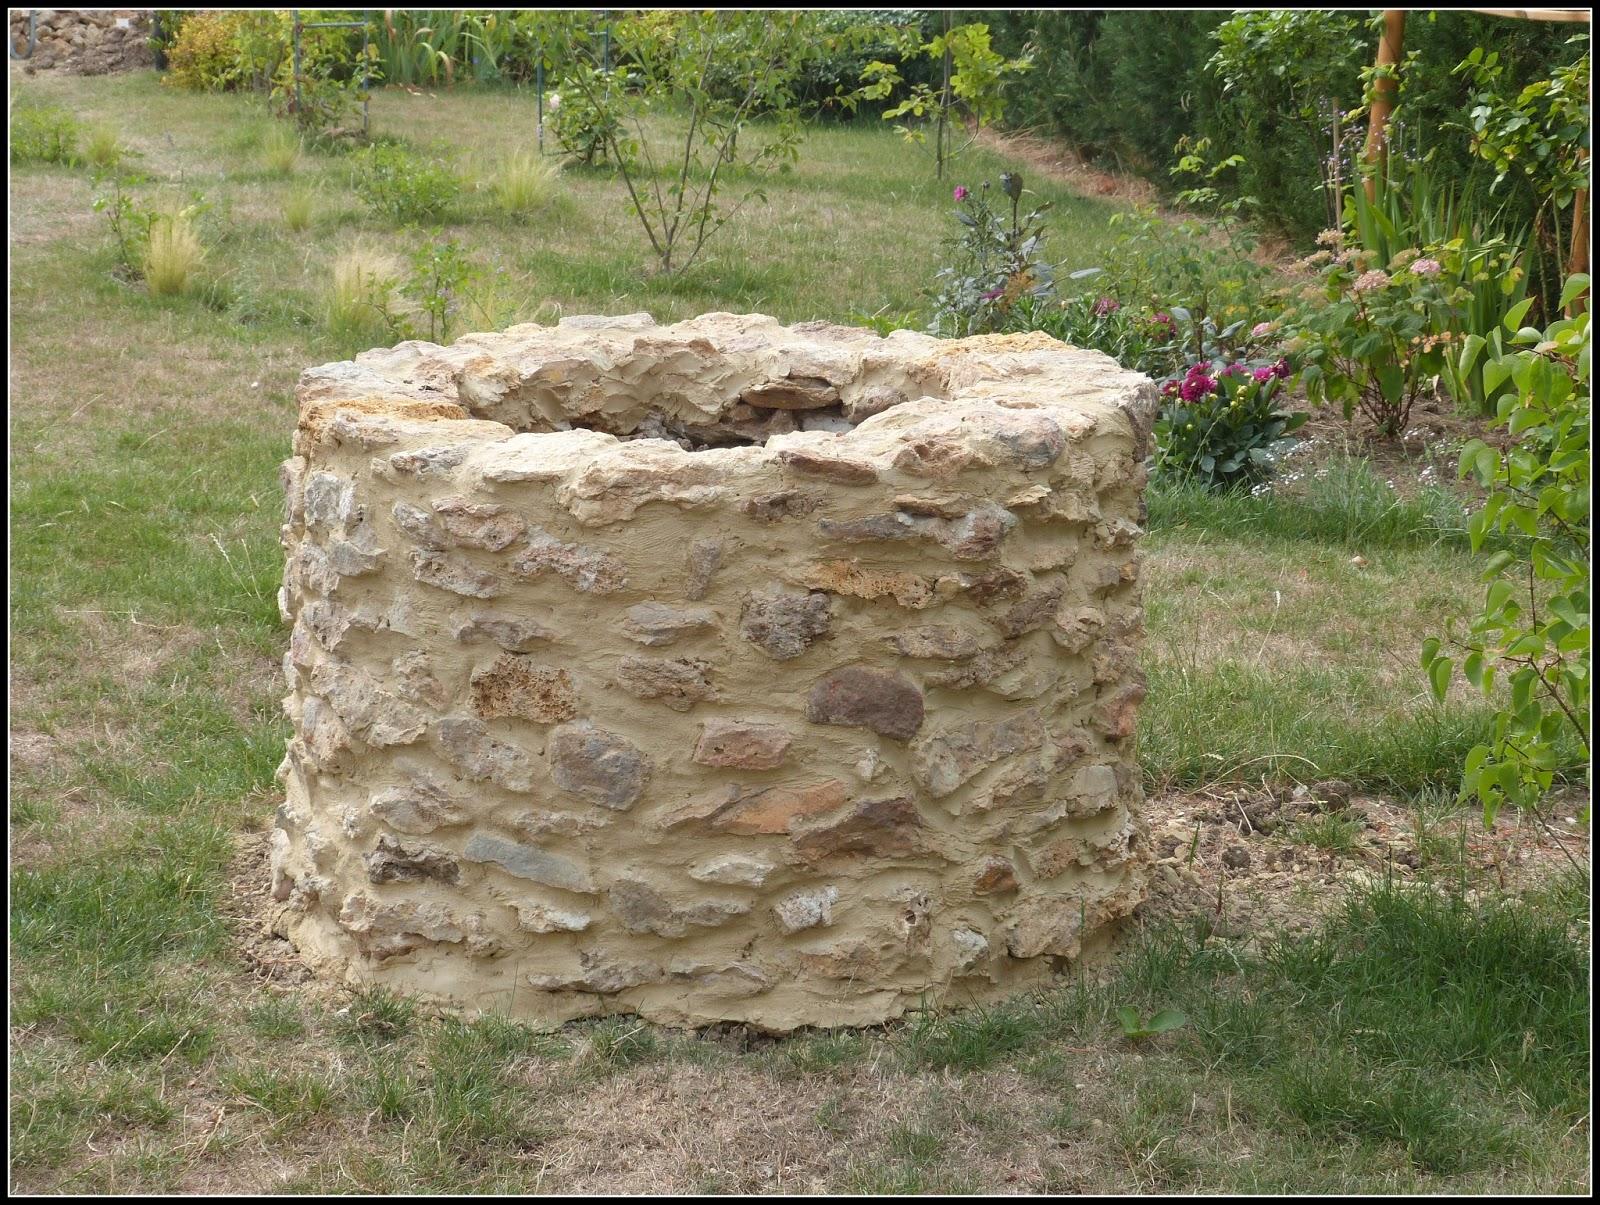 Un jardin des fleurs la question - Puit en pierre ...